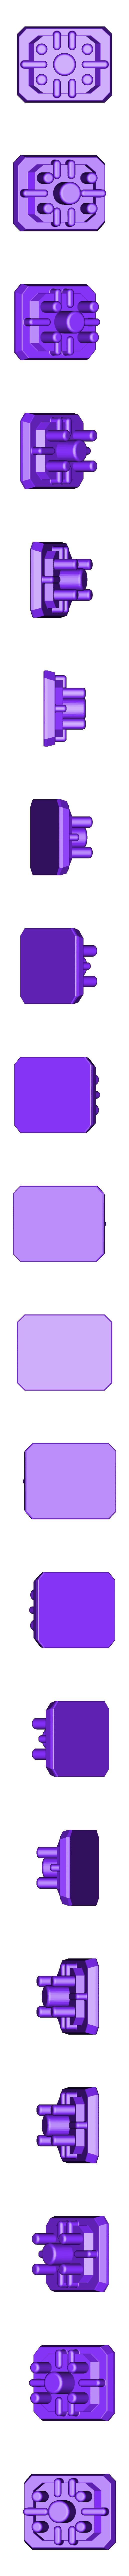 MILLENNIUM-FAUCON-PIED-2.STL Télécharger fichier STL FAUCON MILLENNIUM • Design imprimable en 3D, PLP